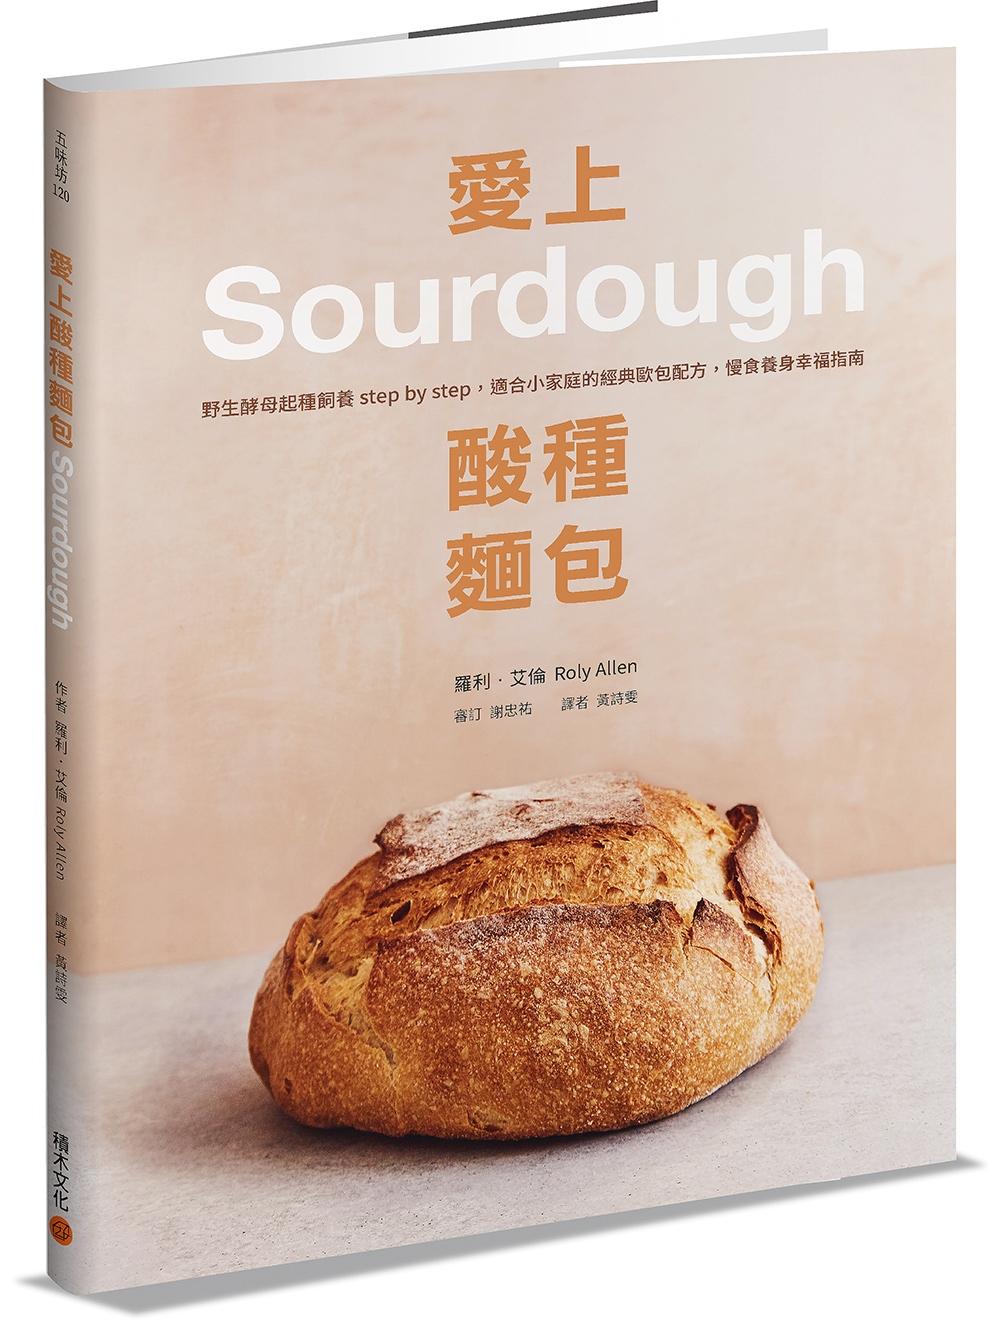 愛上酸種麵包Sourdough...